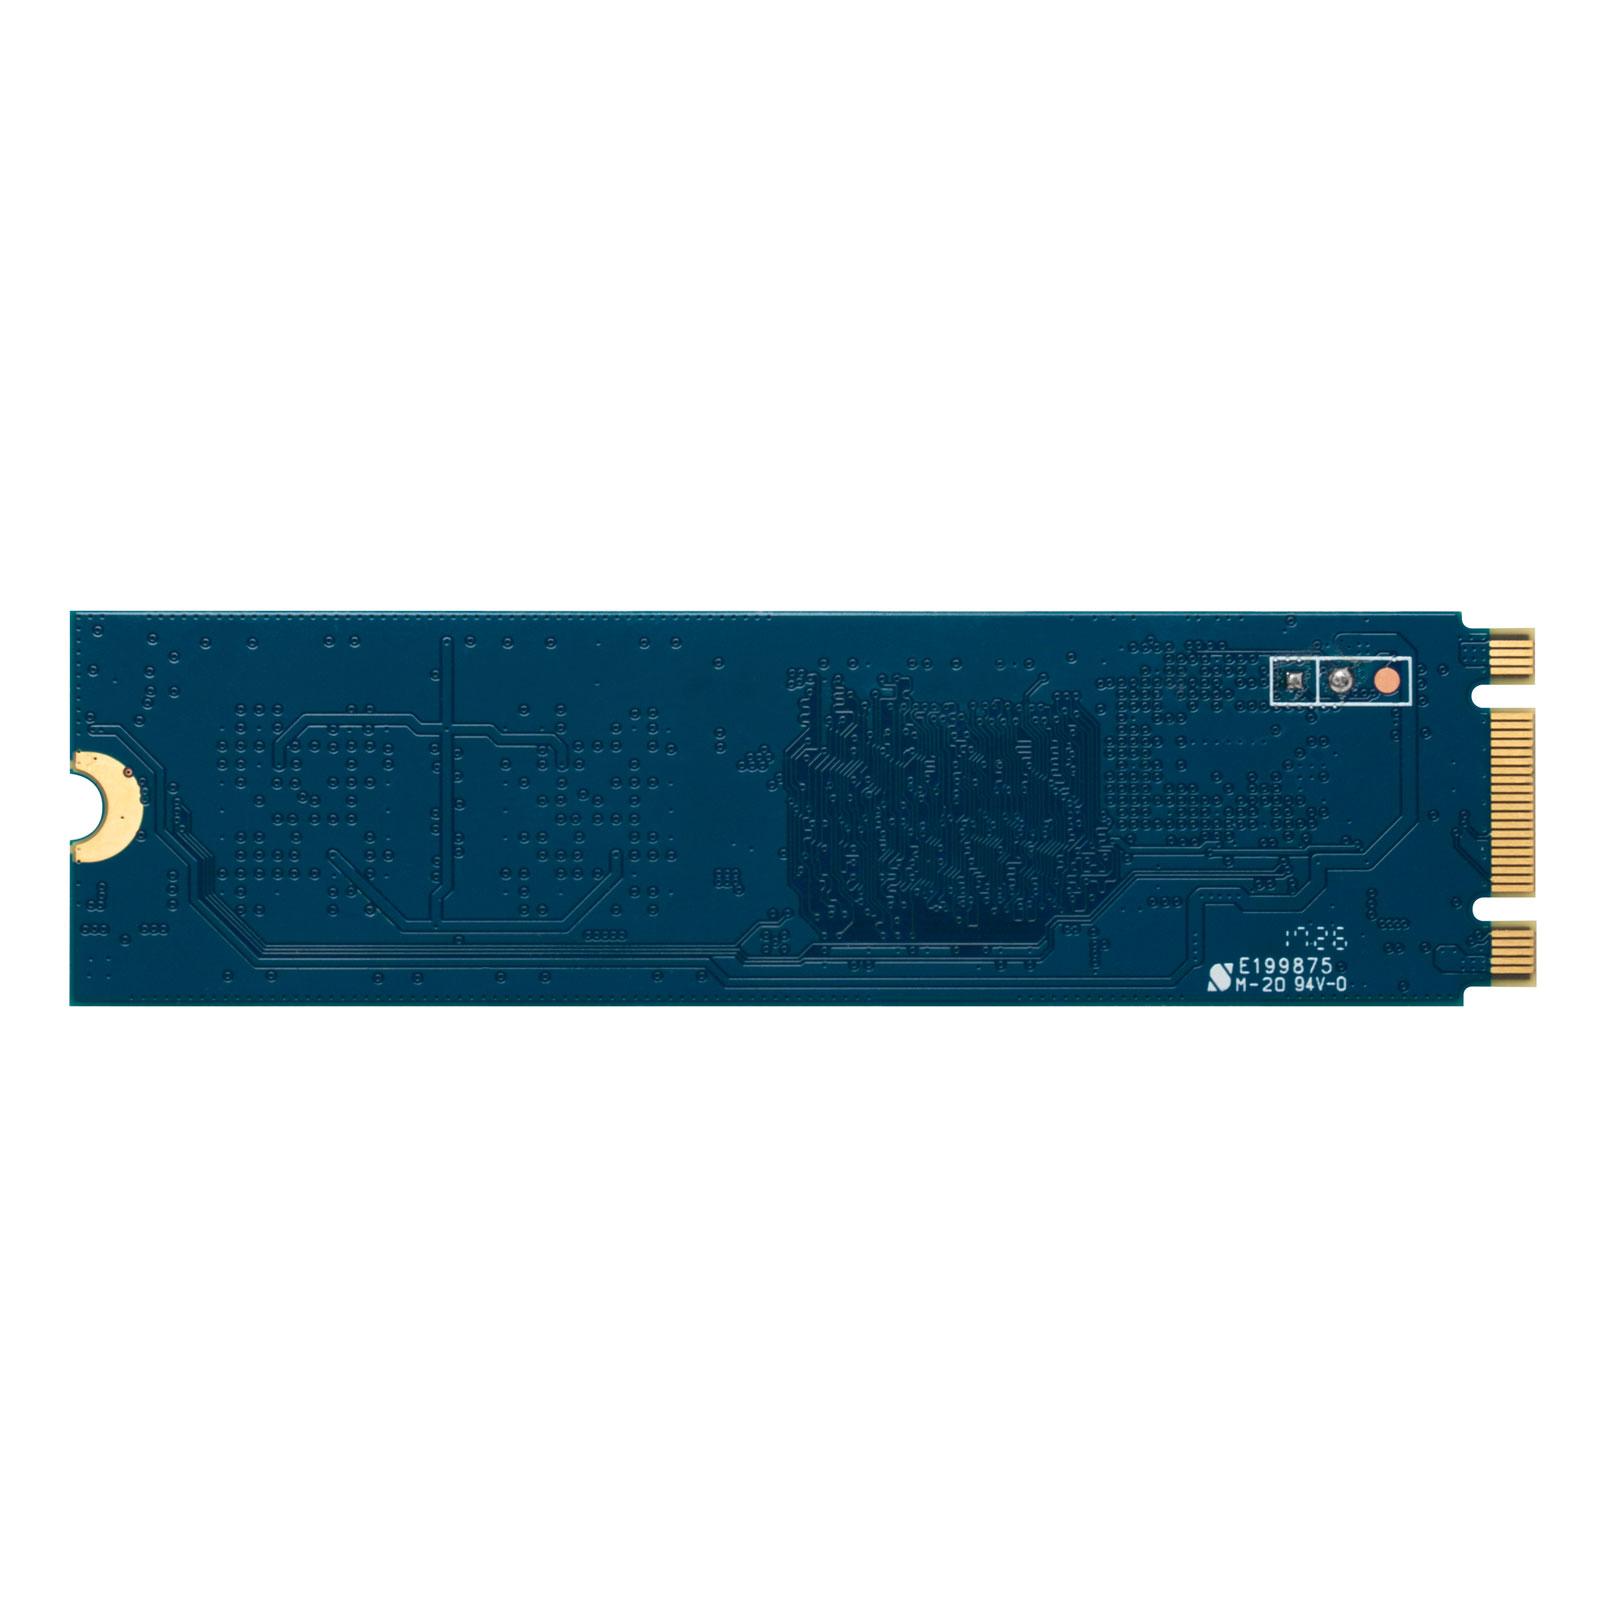 Kingston SUV500M8/120G 120-128Go M.2 - Disque SSD Kingston - 1